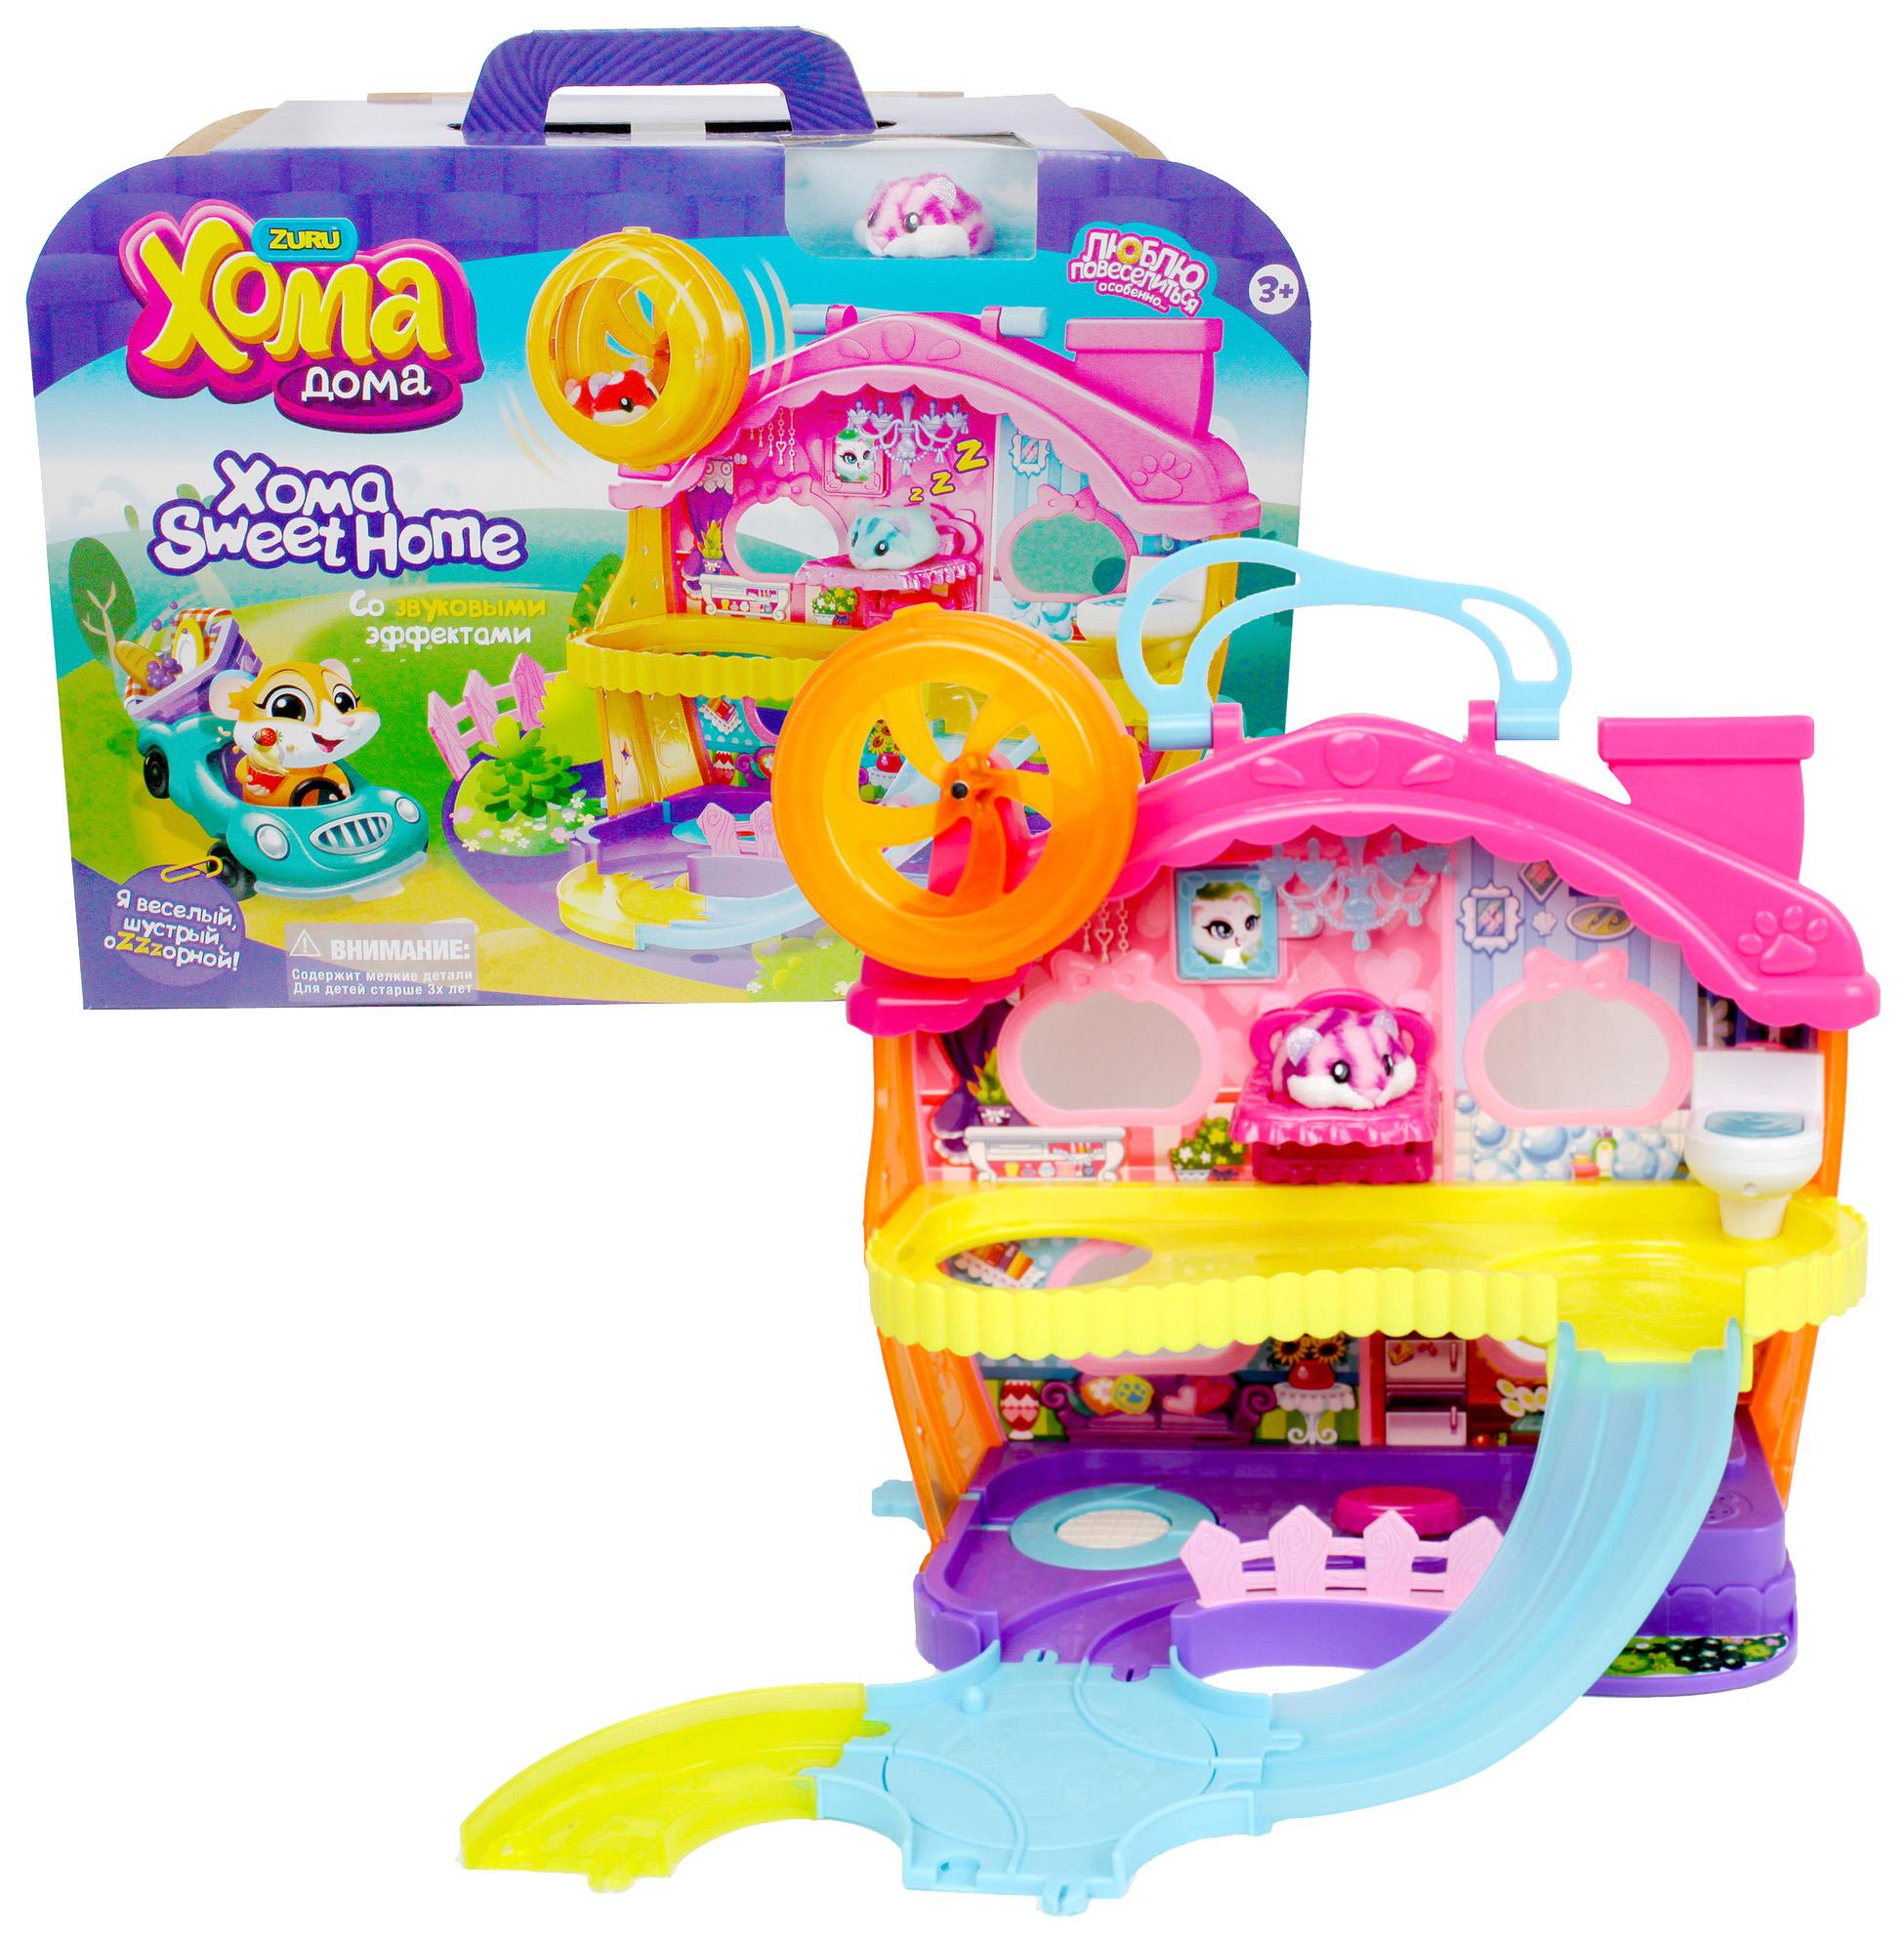 Хома дома Хомы Дом со звуковыми эффектами игровой набор для города хомячков, 1 TOY, Интерактивные мягкие игрушки  - купить со скидкой